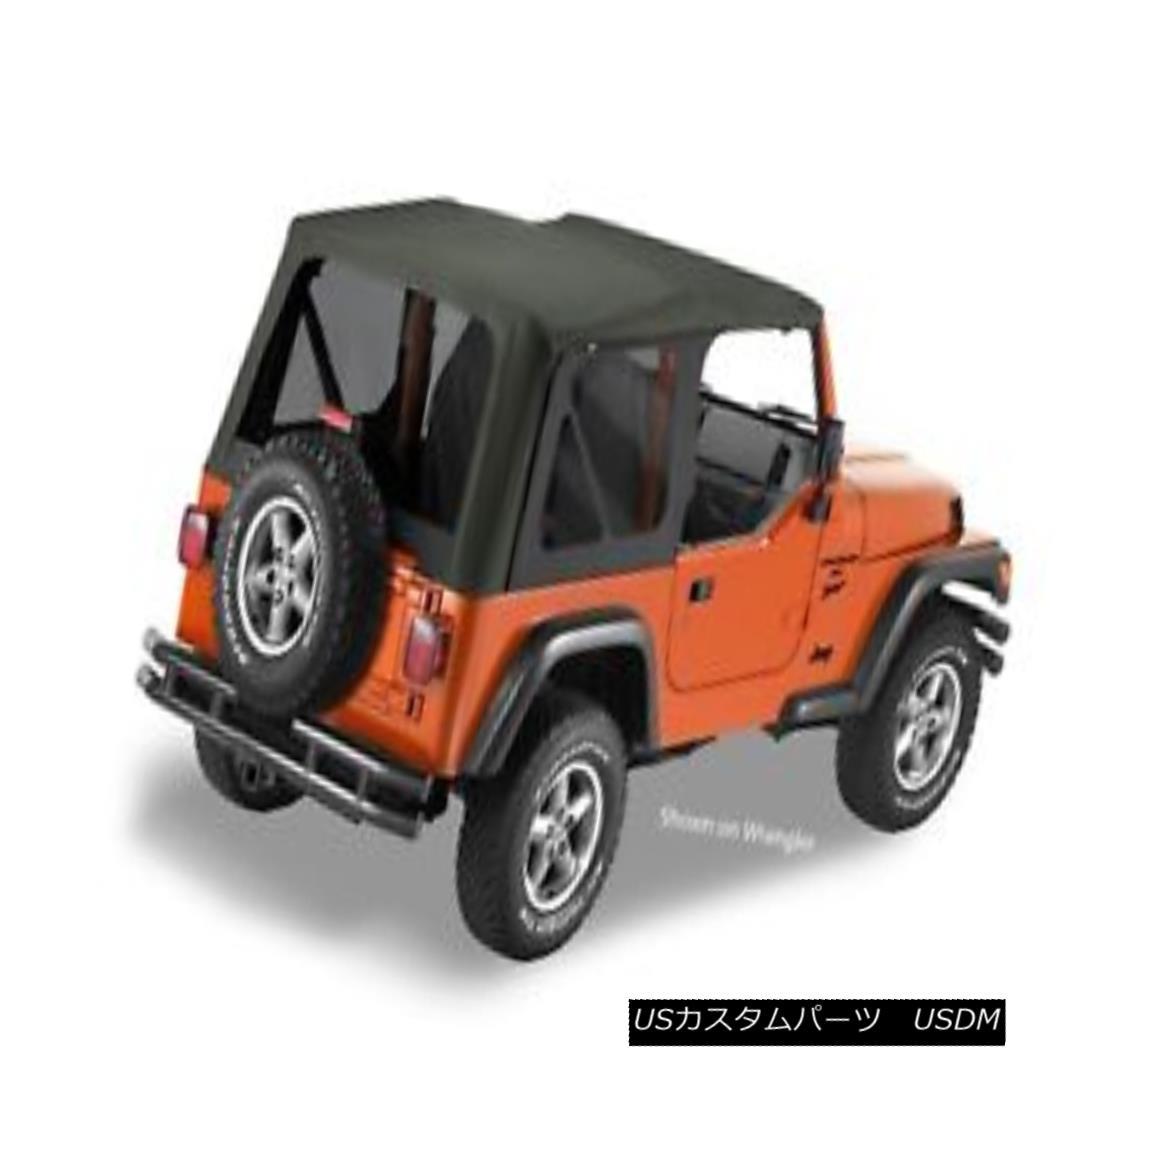 幌・ソフトトップ Bestop 79140-35 Jeep Sailcloth Replace-a-Top Soft Top Black Diamond Bestop 79140-35ジープセイルクロス交換トップトップソフトトップブラックダイヤモンド